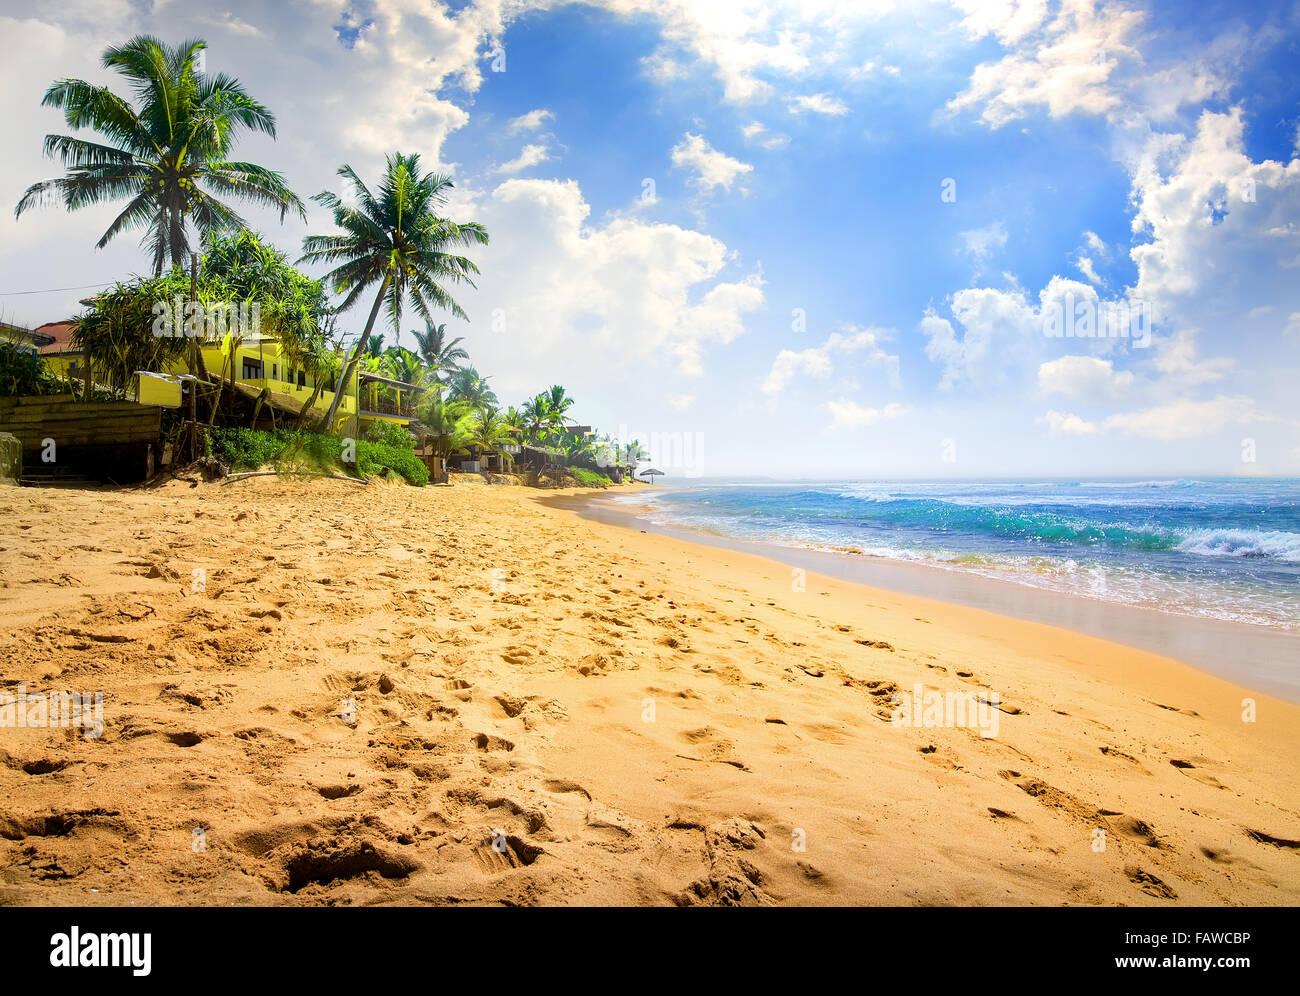 Sonnenlicht in wunderschönen tropischen Strand in der Nähe von Meer Stockbild